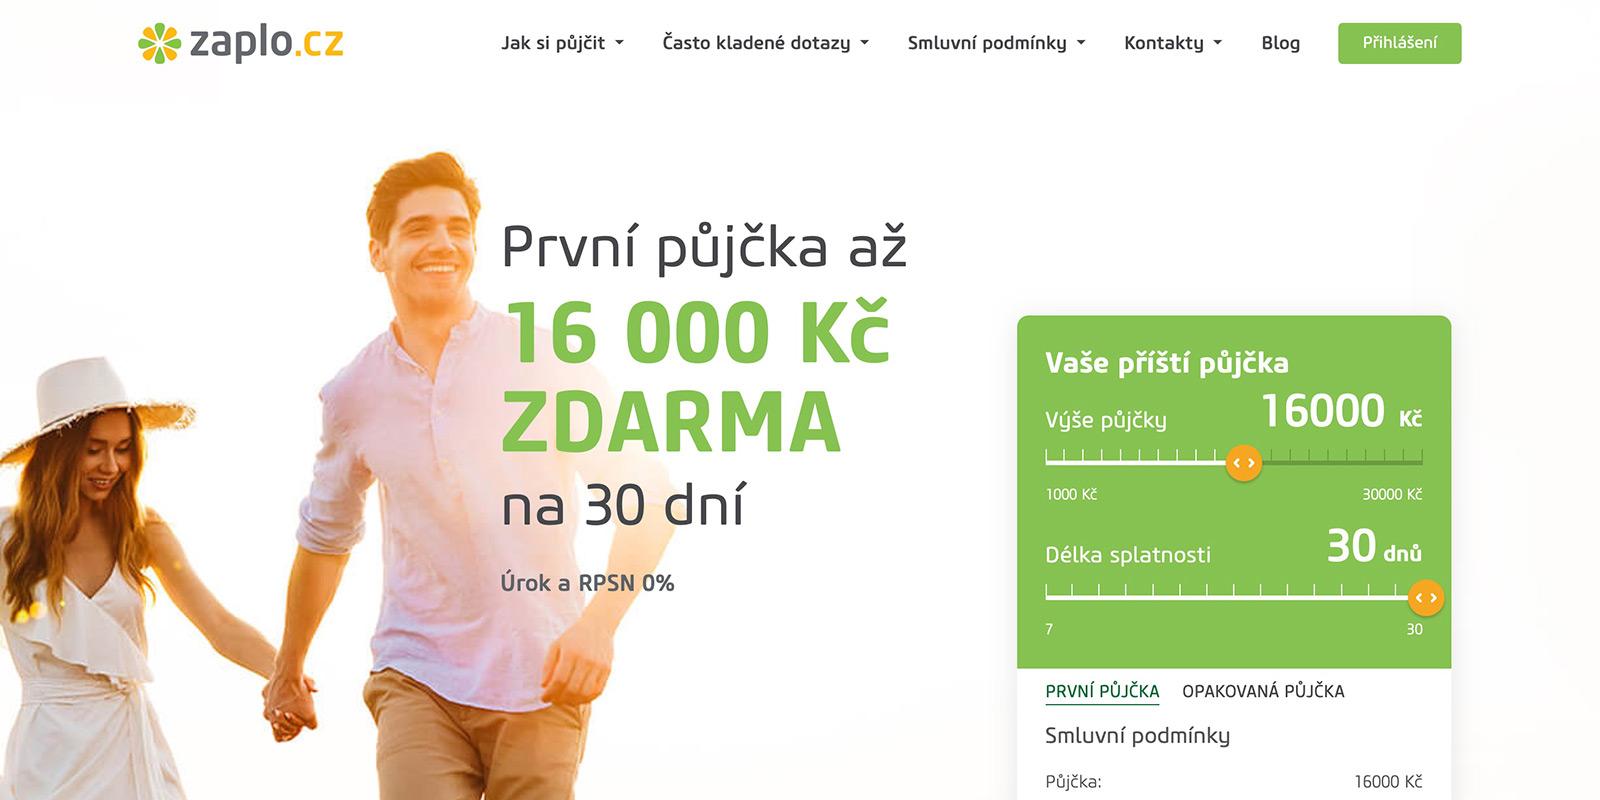 Webové stránky www.zaplo.cz